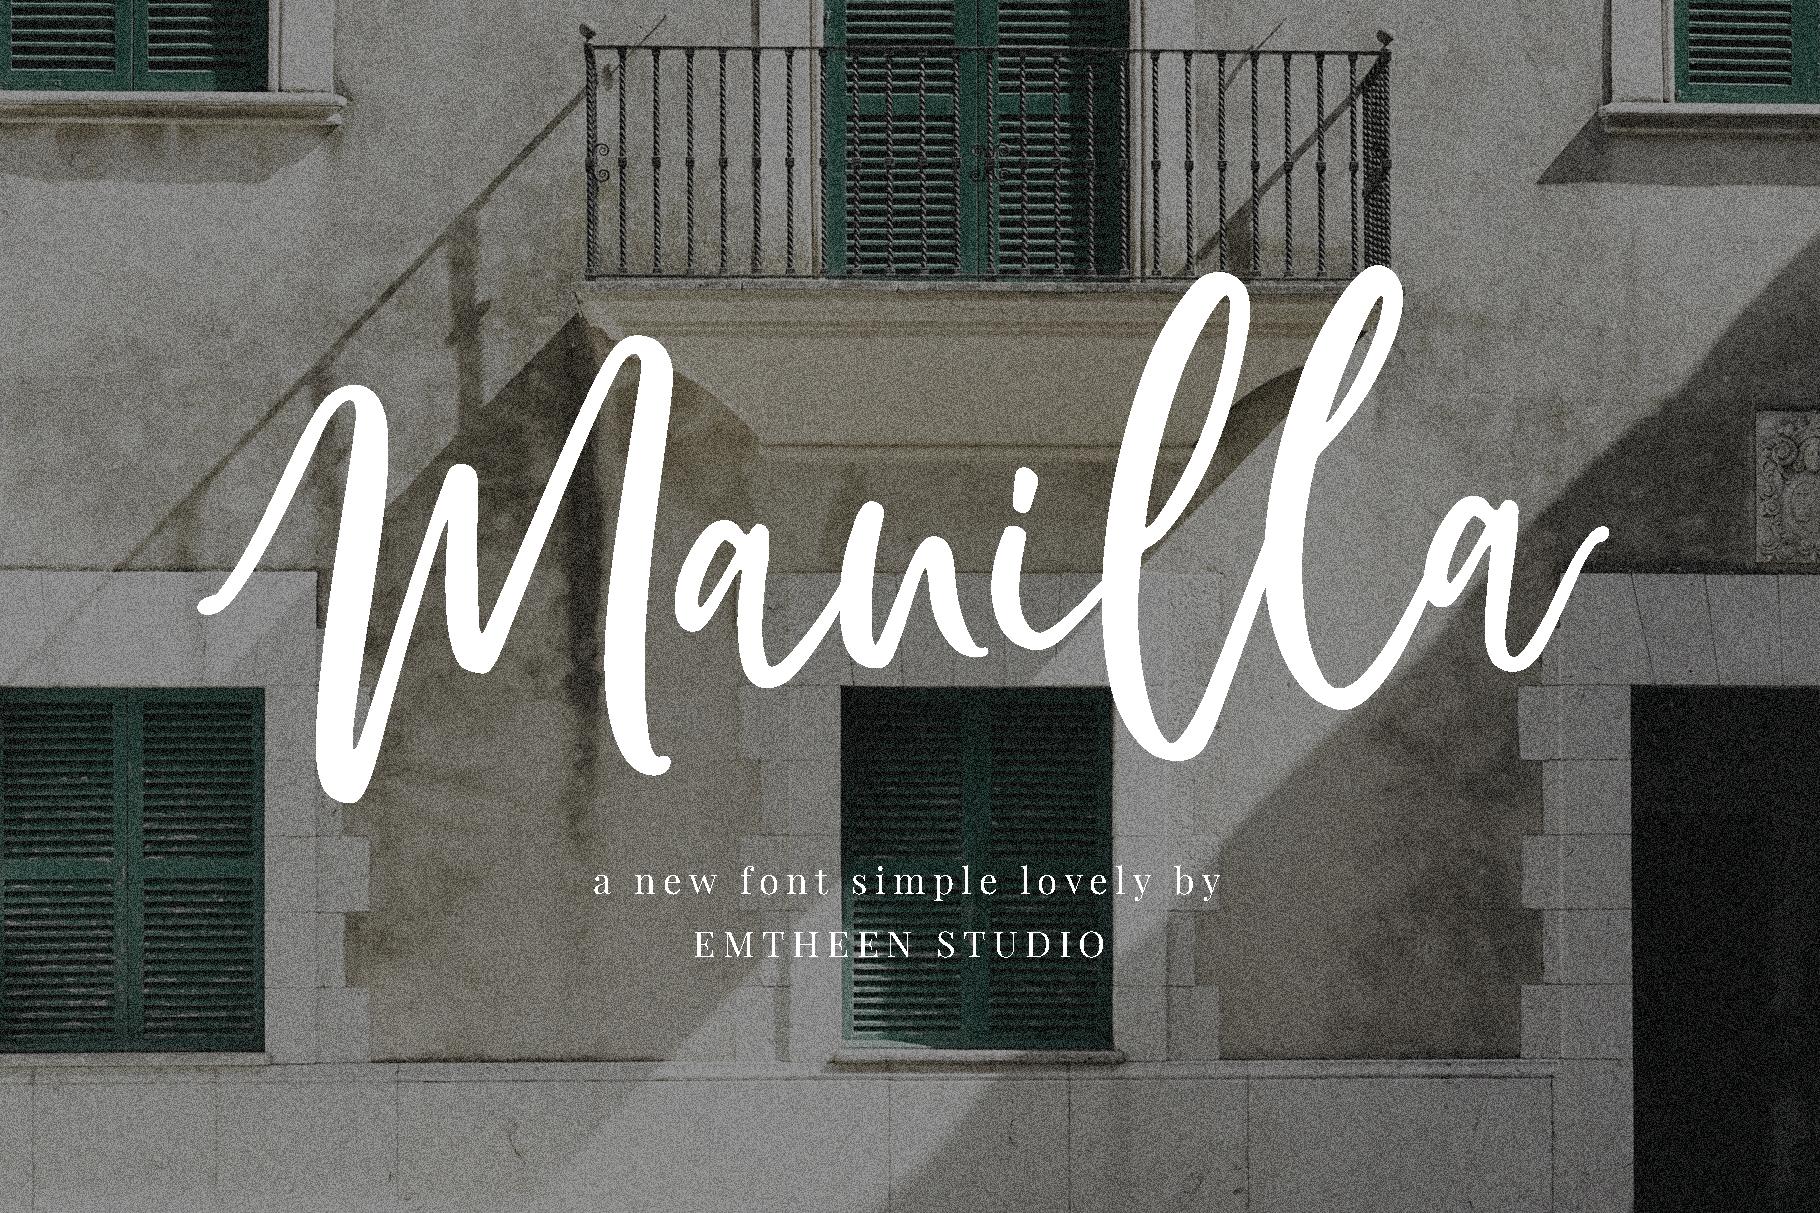 Manilla шрифт скачать бесплатно